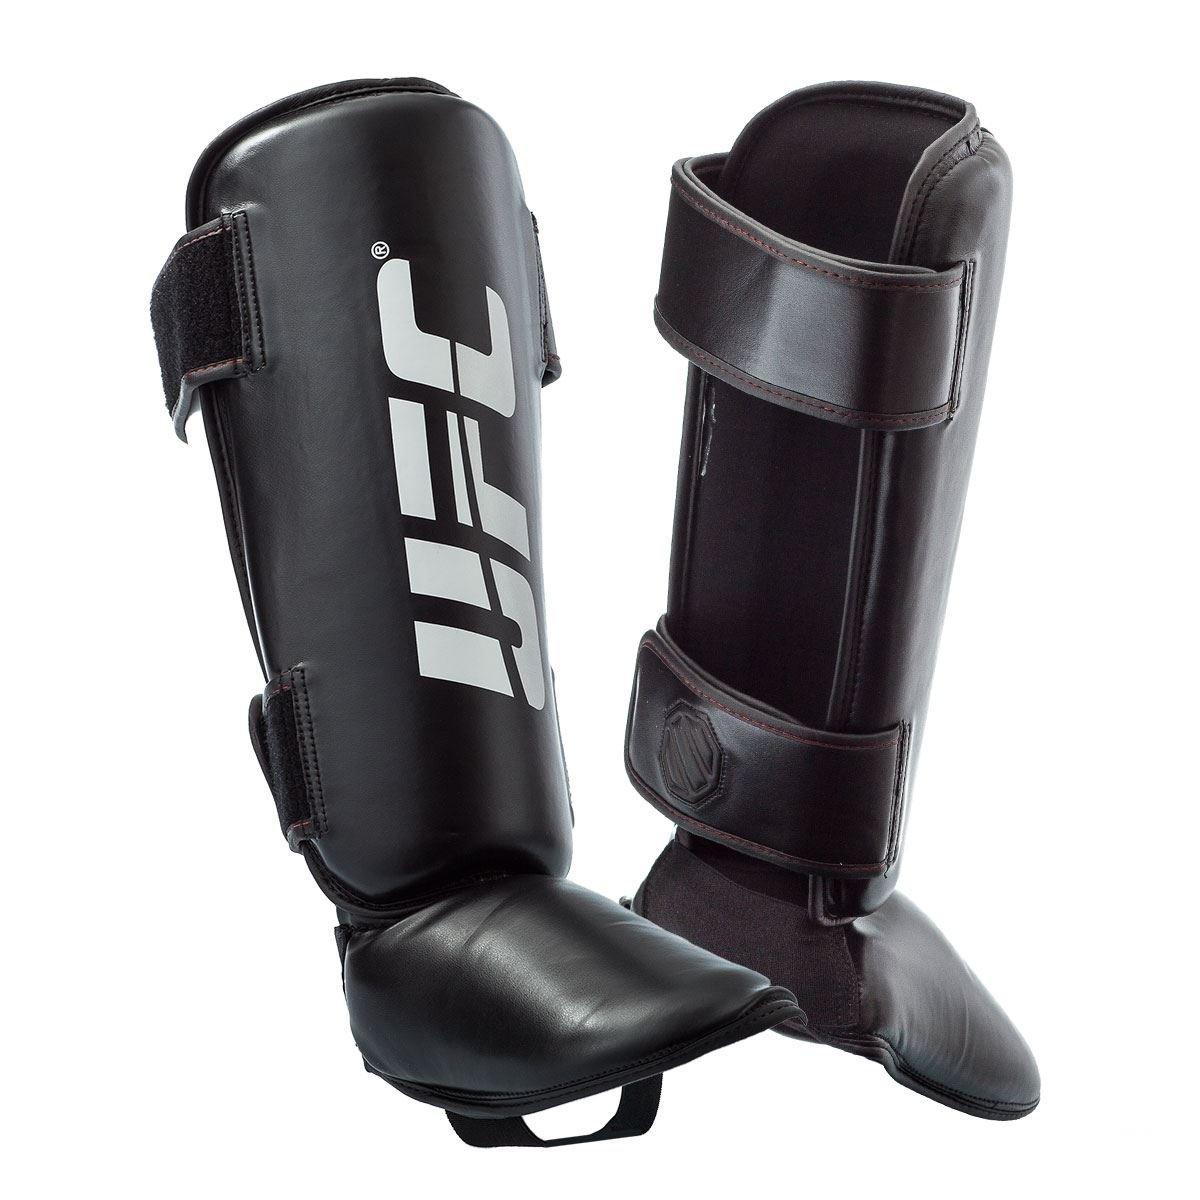 UFC Professional従来Shin and甲 UFC S/M B00OMCM7R6 ブラック ブラック B00OMCM7R6, ウッディマート:999d3e02 --- capela.dominiotemporario.com